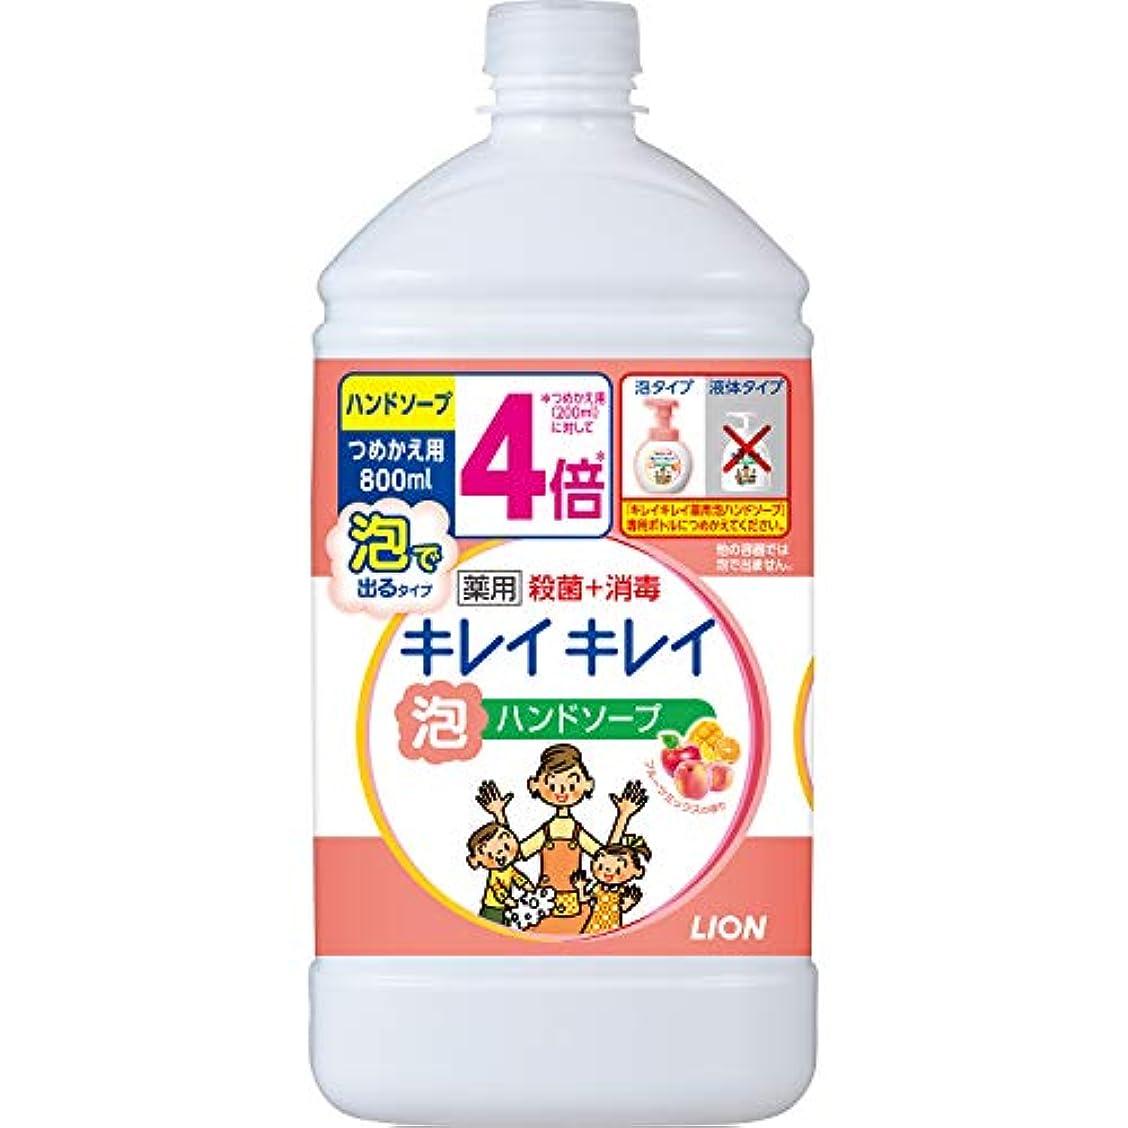 有害なファンシー処方する(医薬部外品)【大容量】キレイキレイ 薬用 泡ハンドソープ フルーツミックスの香り 詰め替え用 800ml